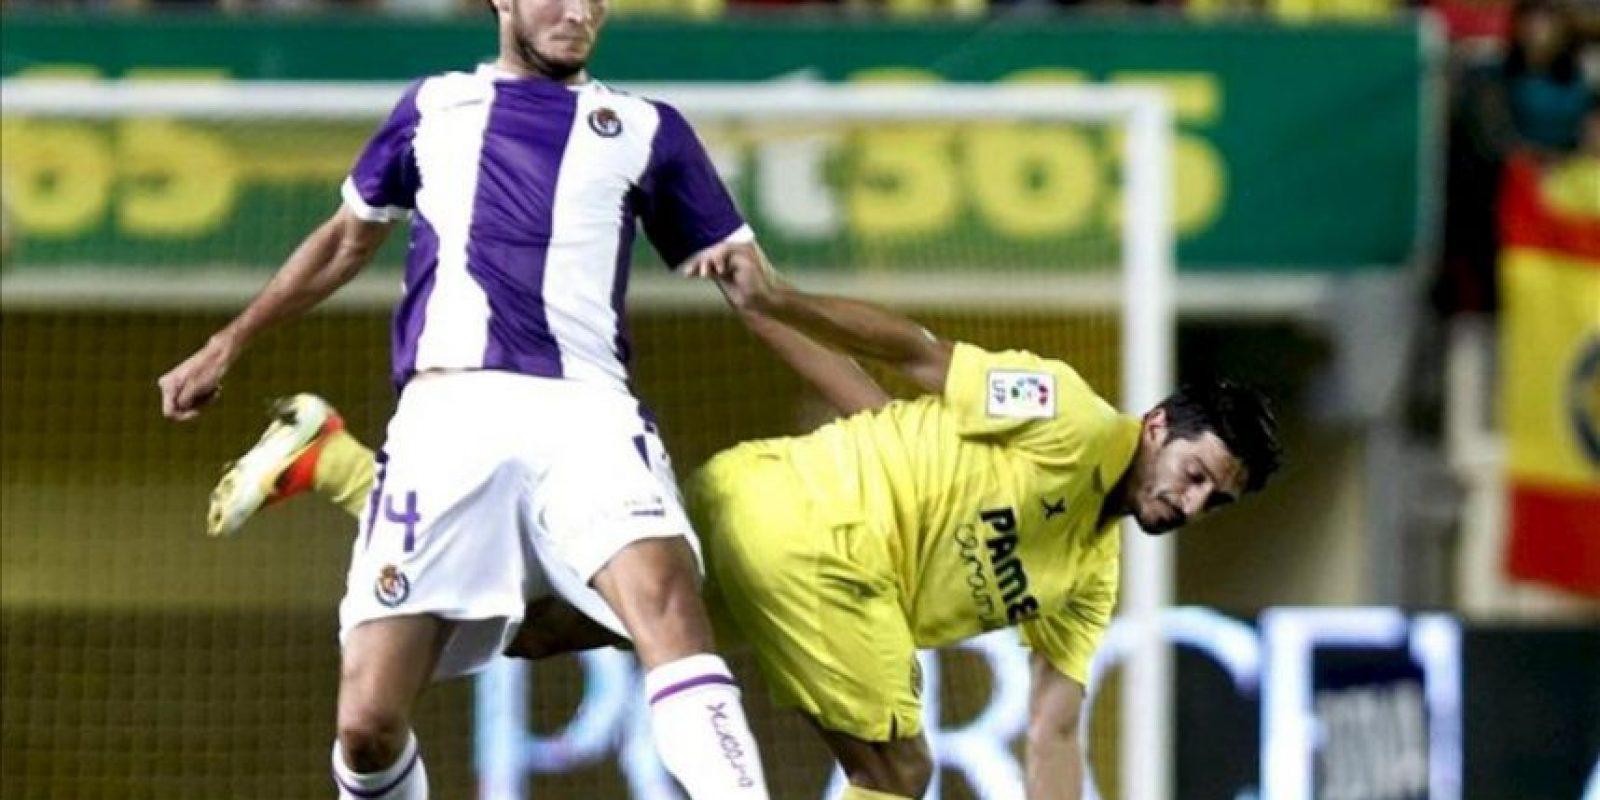 El jugador del Villarreal Jonathan Pereira (d) pelea un balón con Marc Valiente, del Valladolid, durante el partido de la segunda jornada de Liga disputado en el estadio de El Madrigal, en Villarreal. EFE